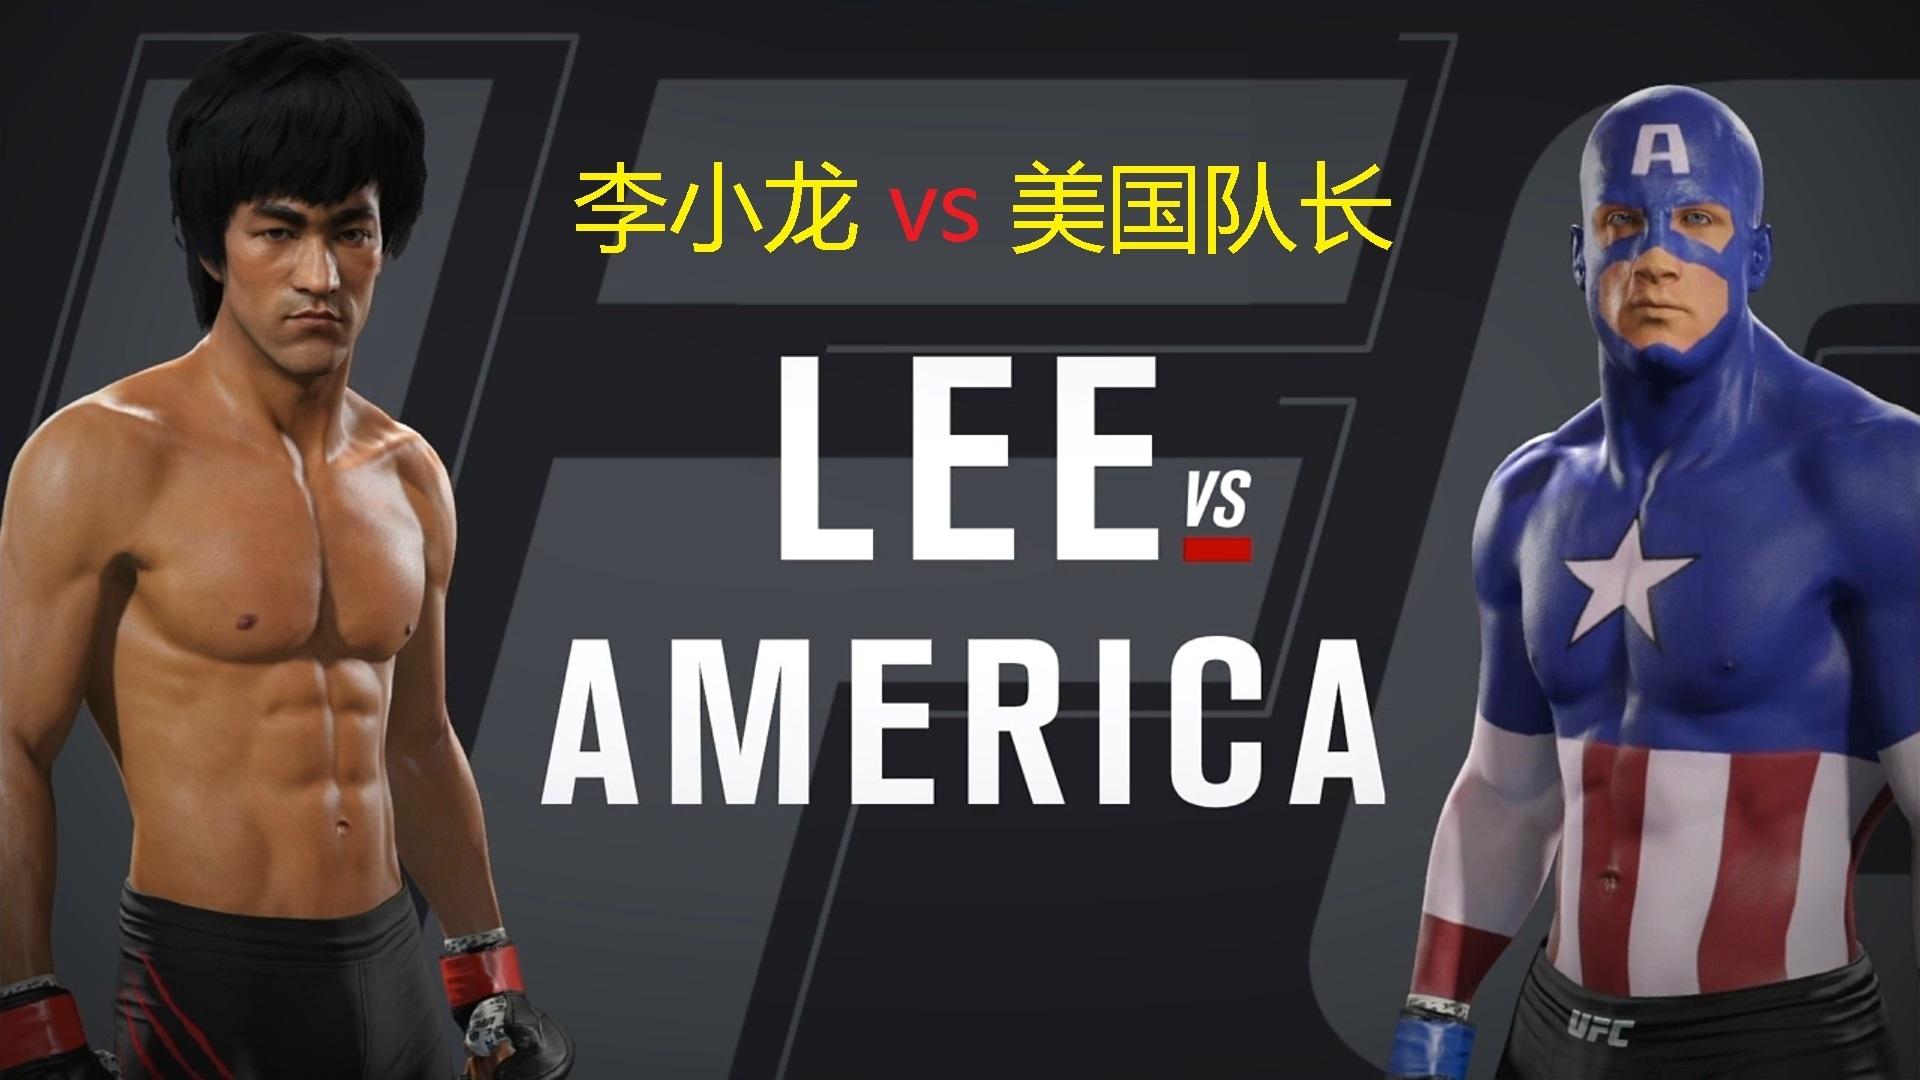 复仇者联盟美国队长vs李小龙,美国队长没了盾牌,实力如何?